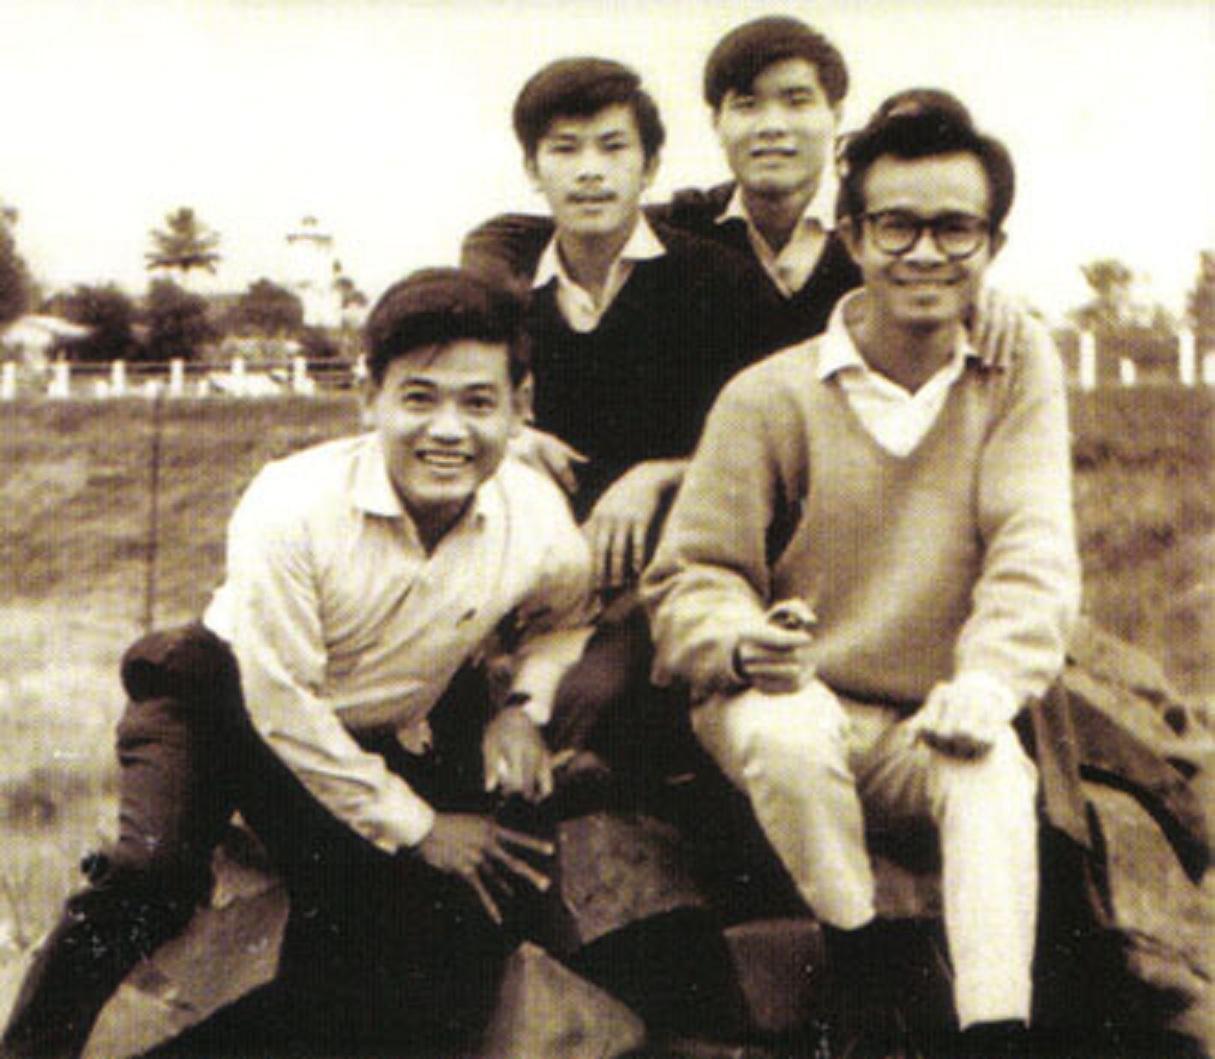 Nhạc sĩ Trịnh Công Sơn (bìa phải) khi mới tốt nghiệp Trường Sư phạm Quy Nhơn vào năm 1964 (Ảnh tư liệu)